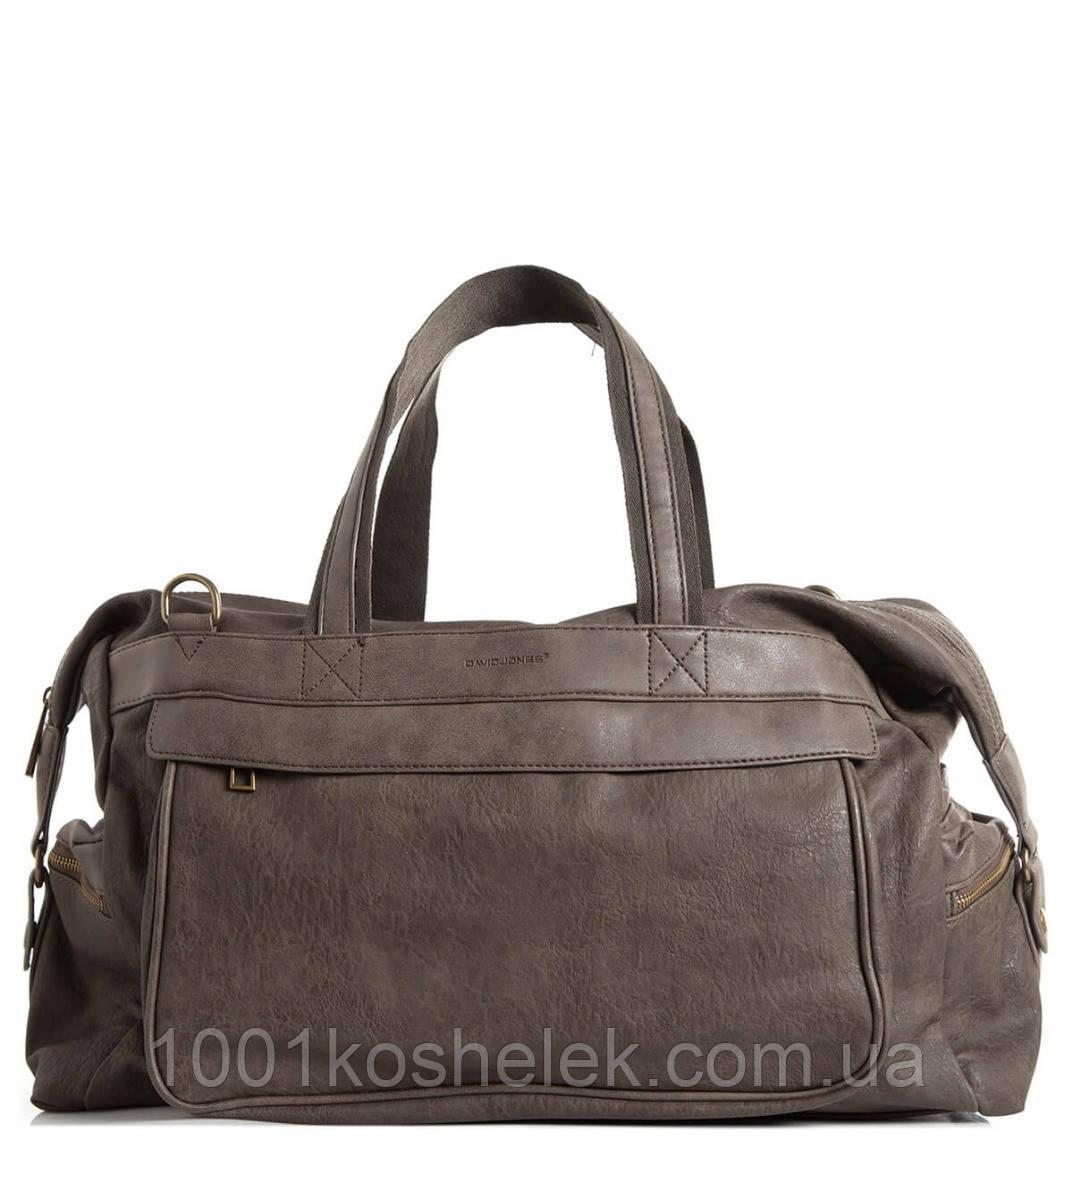 Дорожная сумка David Jones CM0798A (Хаки)